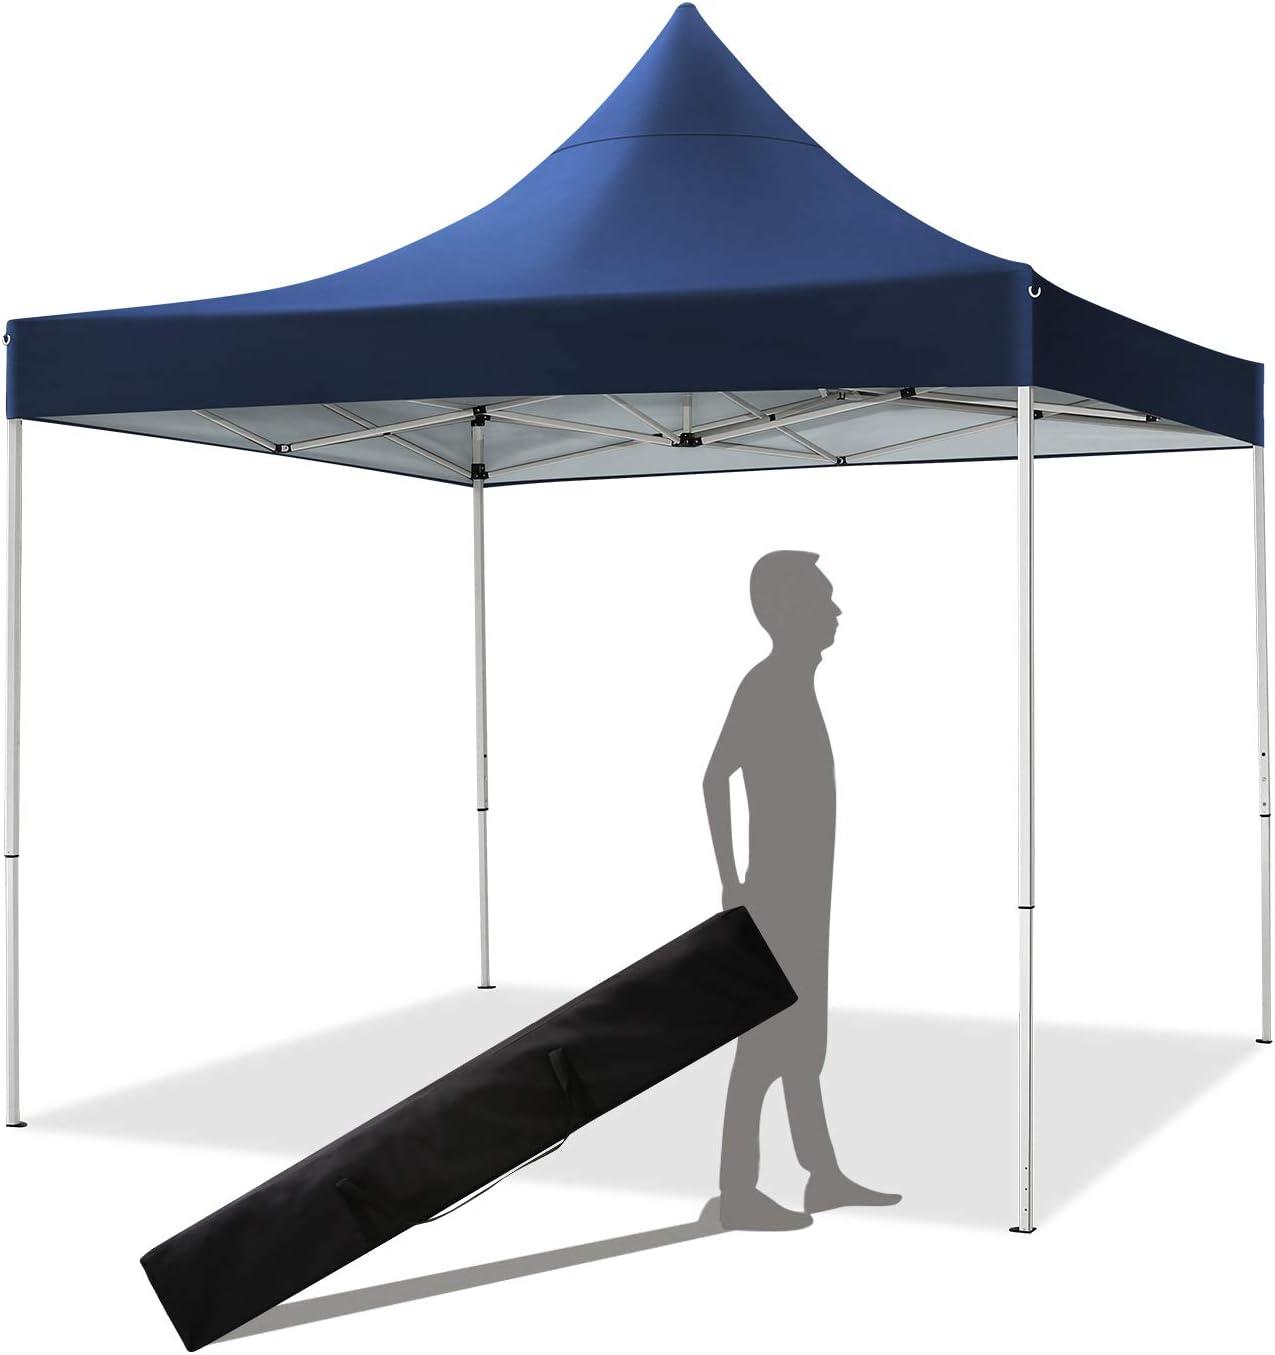 YUEBO Gazebo 3x3m Tonnelle Pliante imperm/éable Barnum Pliant Pavillon Tente Pliante avec 4 c/ôt/és Tonnelle de Jardin